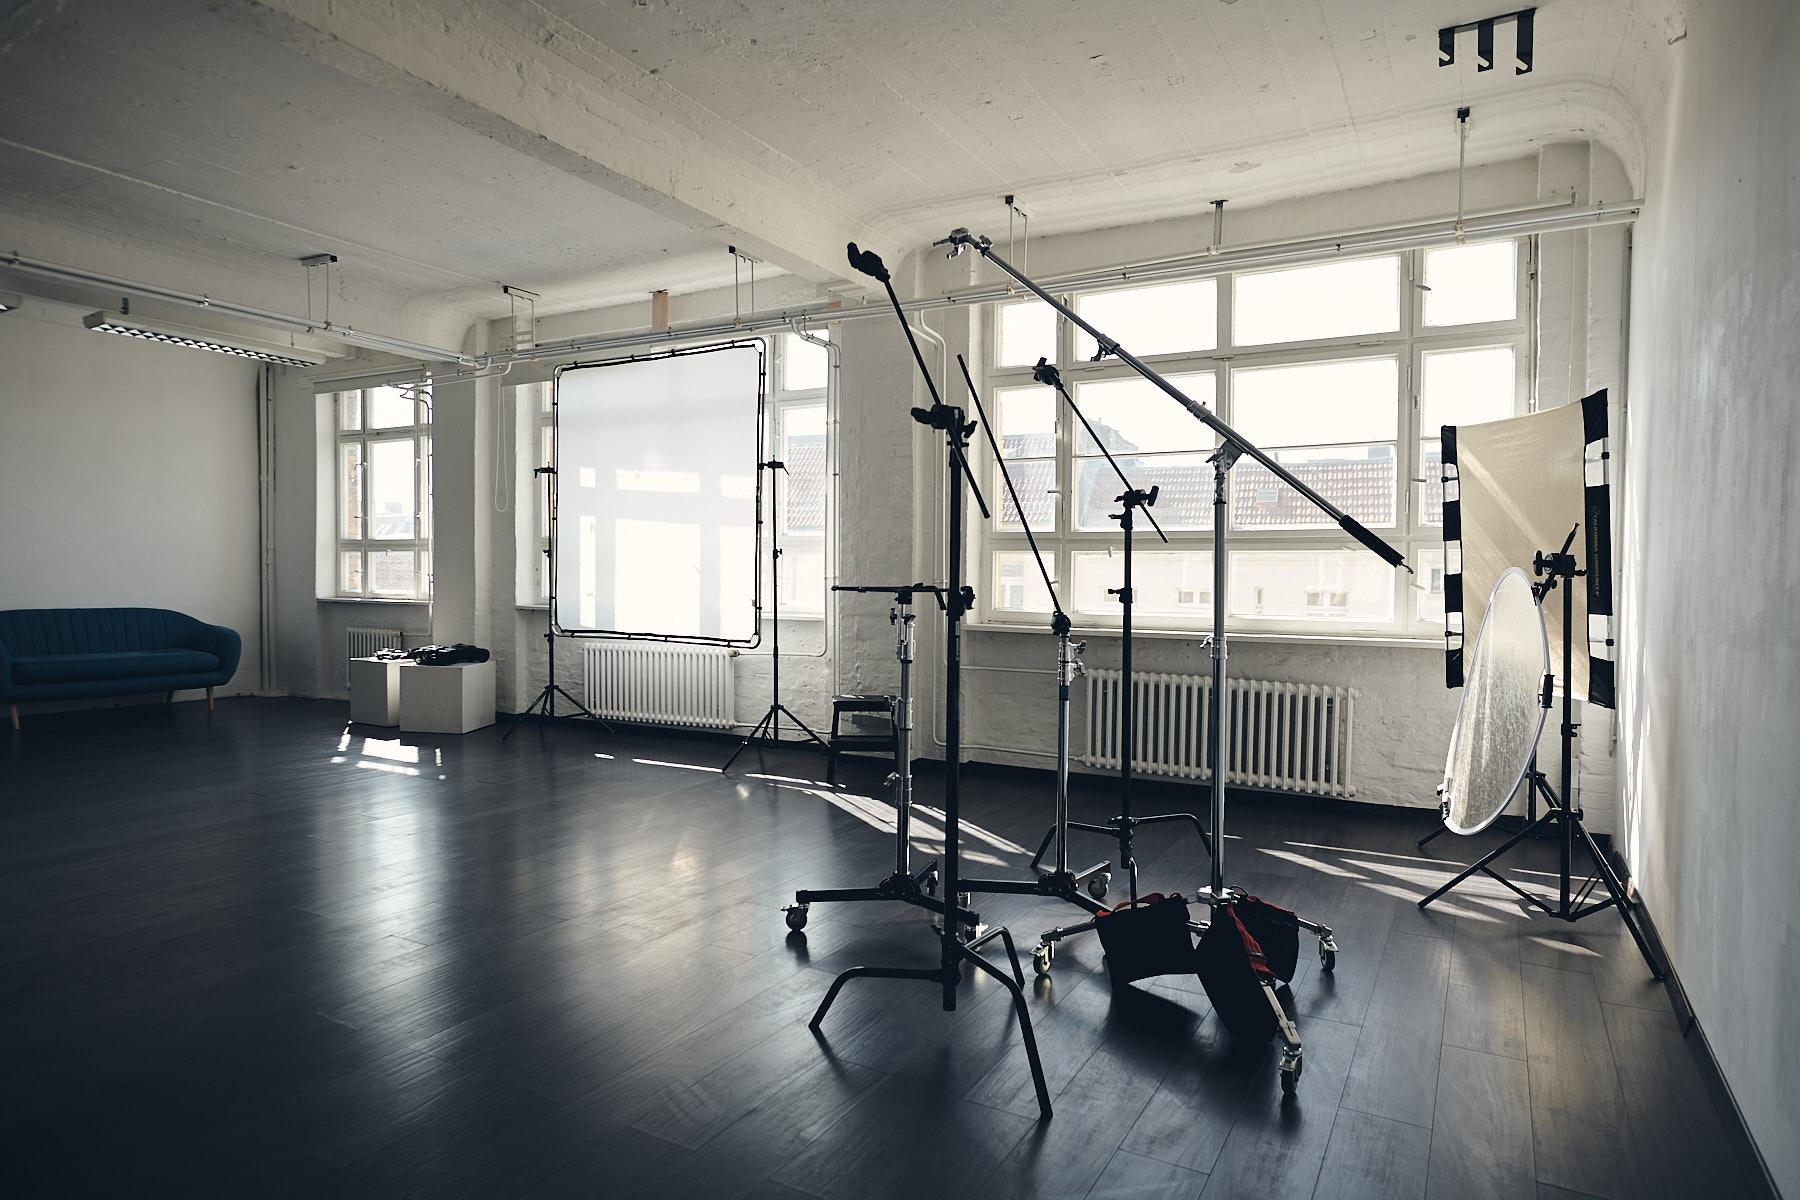 Tageslichtstudio Fotostudio mieten Mietstudio Berlin